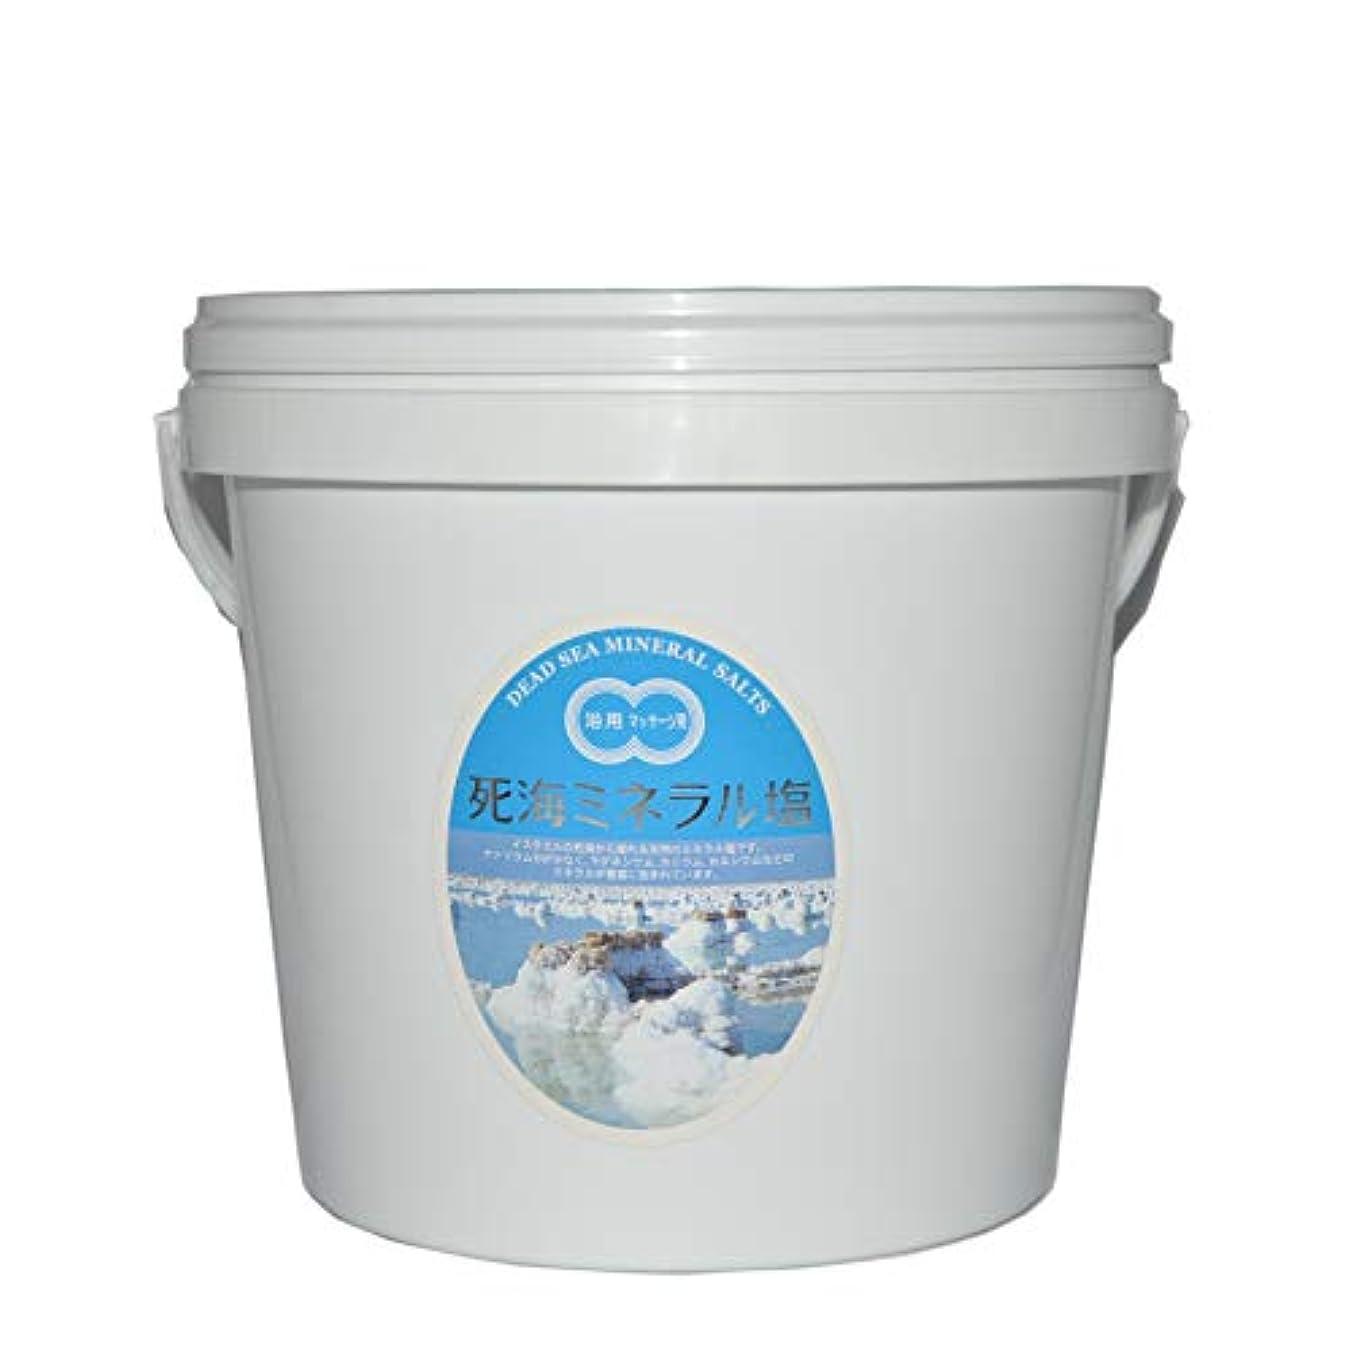 田舎満足土器死海ミネラル塩5kgバケツ